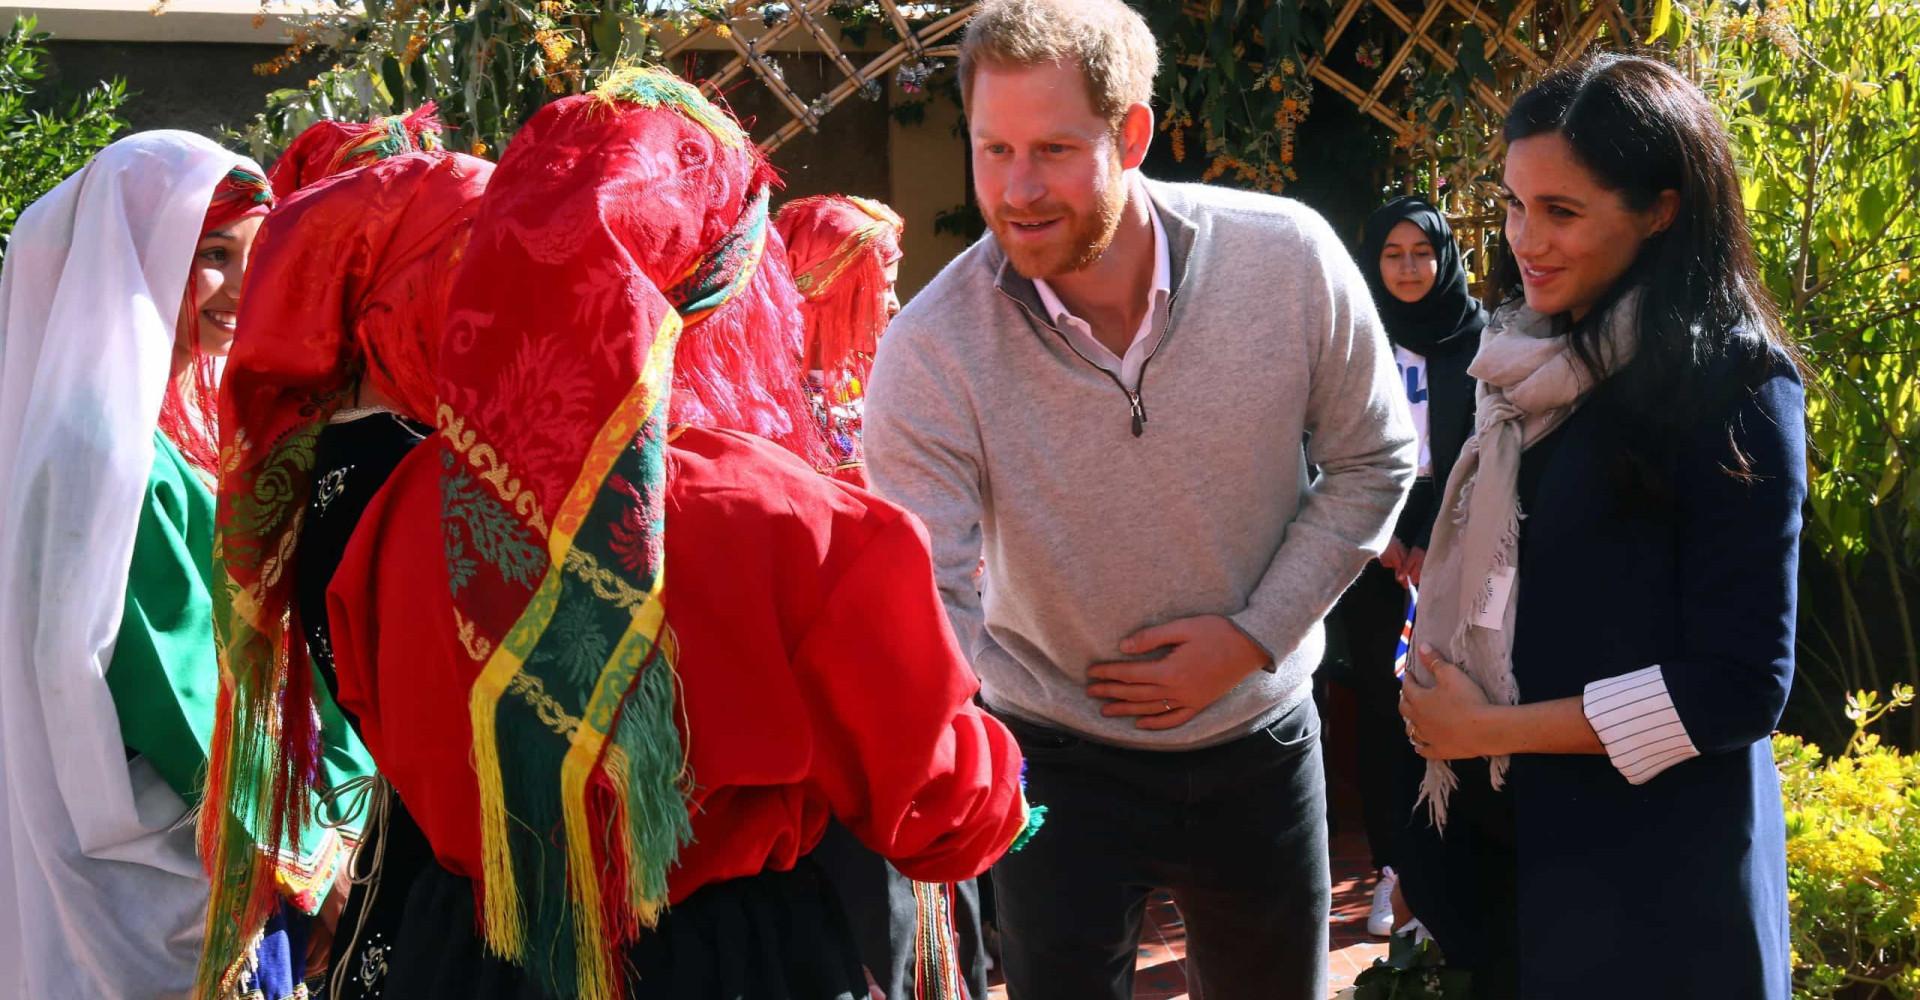 Tourisme responsable: suivez l'exemple du Duc et de la Duchesse de Sussex